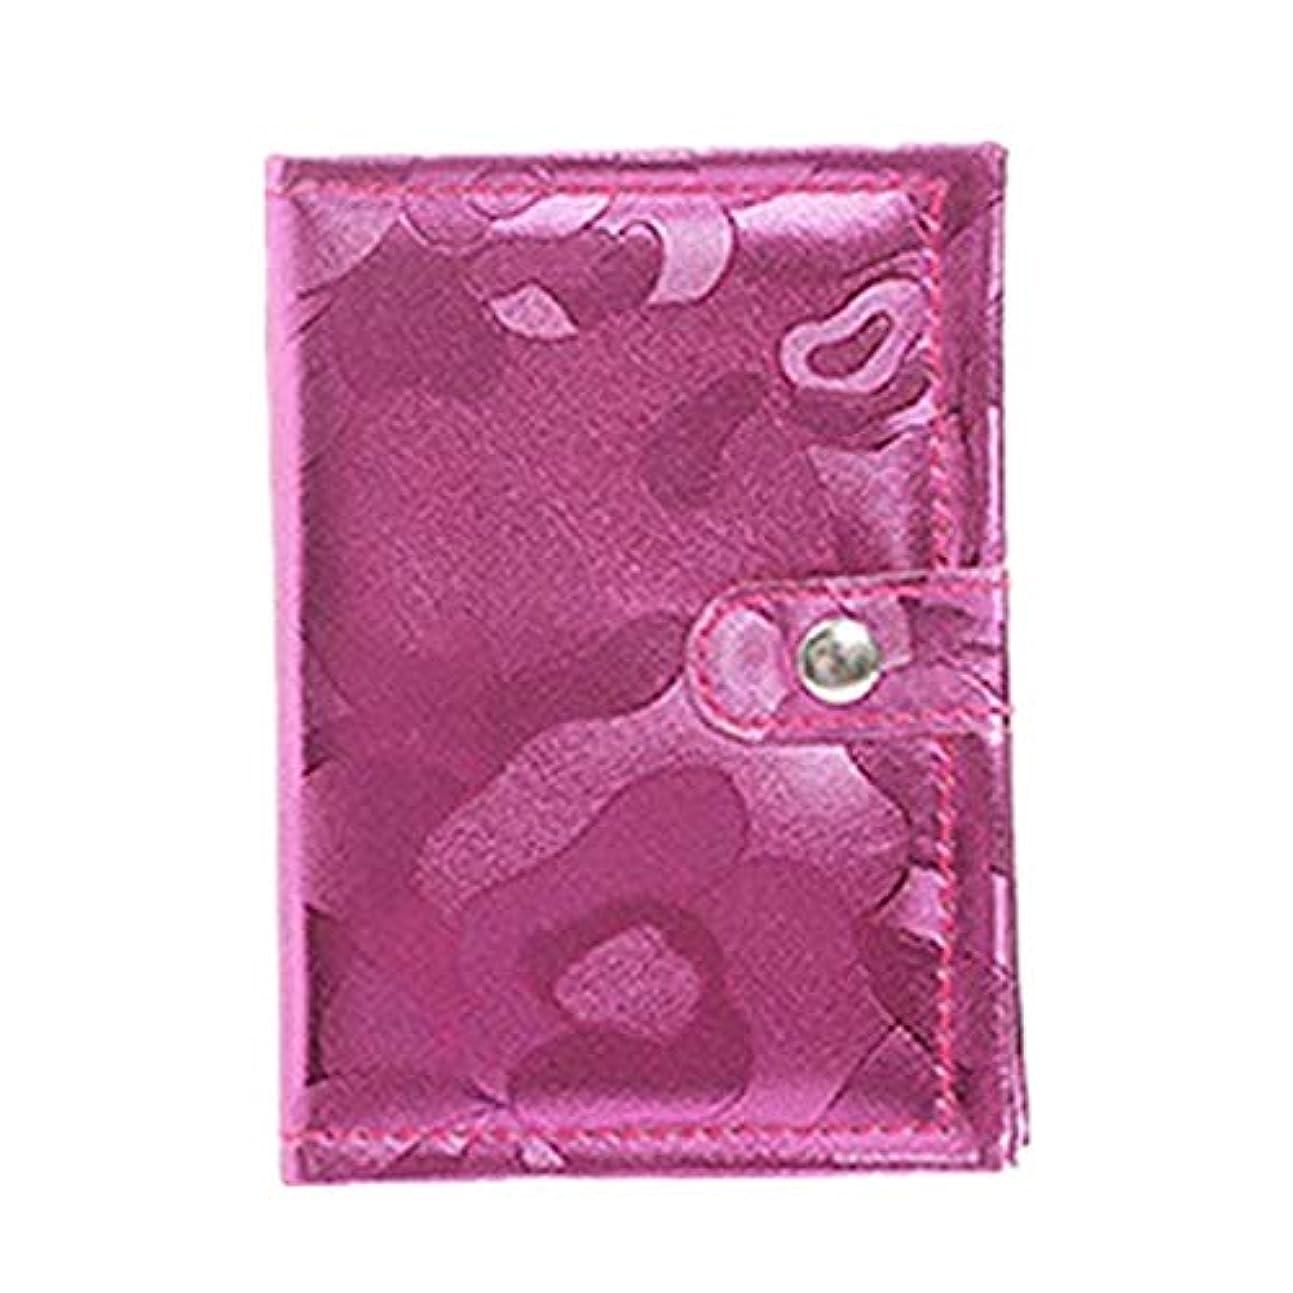 動脈ハンマー傾斜32色のアイシャドウダイヤモンドアイシャドウパールアイシャドウアイシャドウディスクの美容製品を非ドレッシングスティング